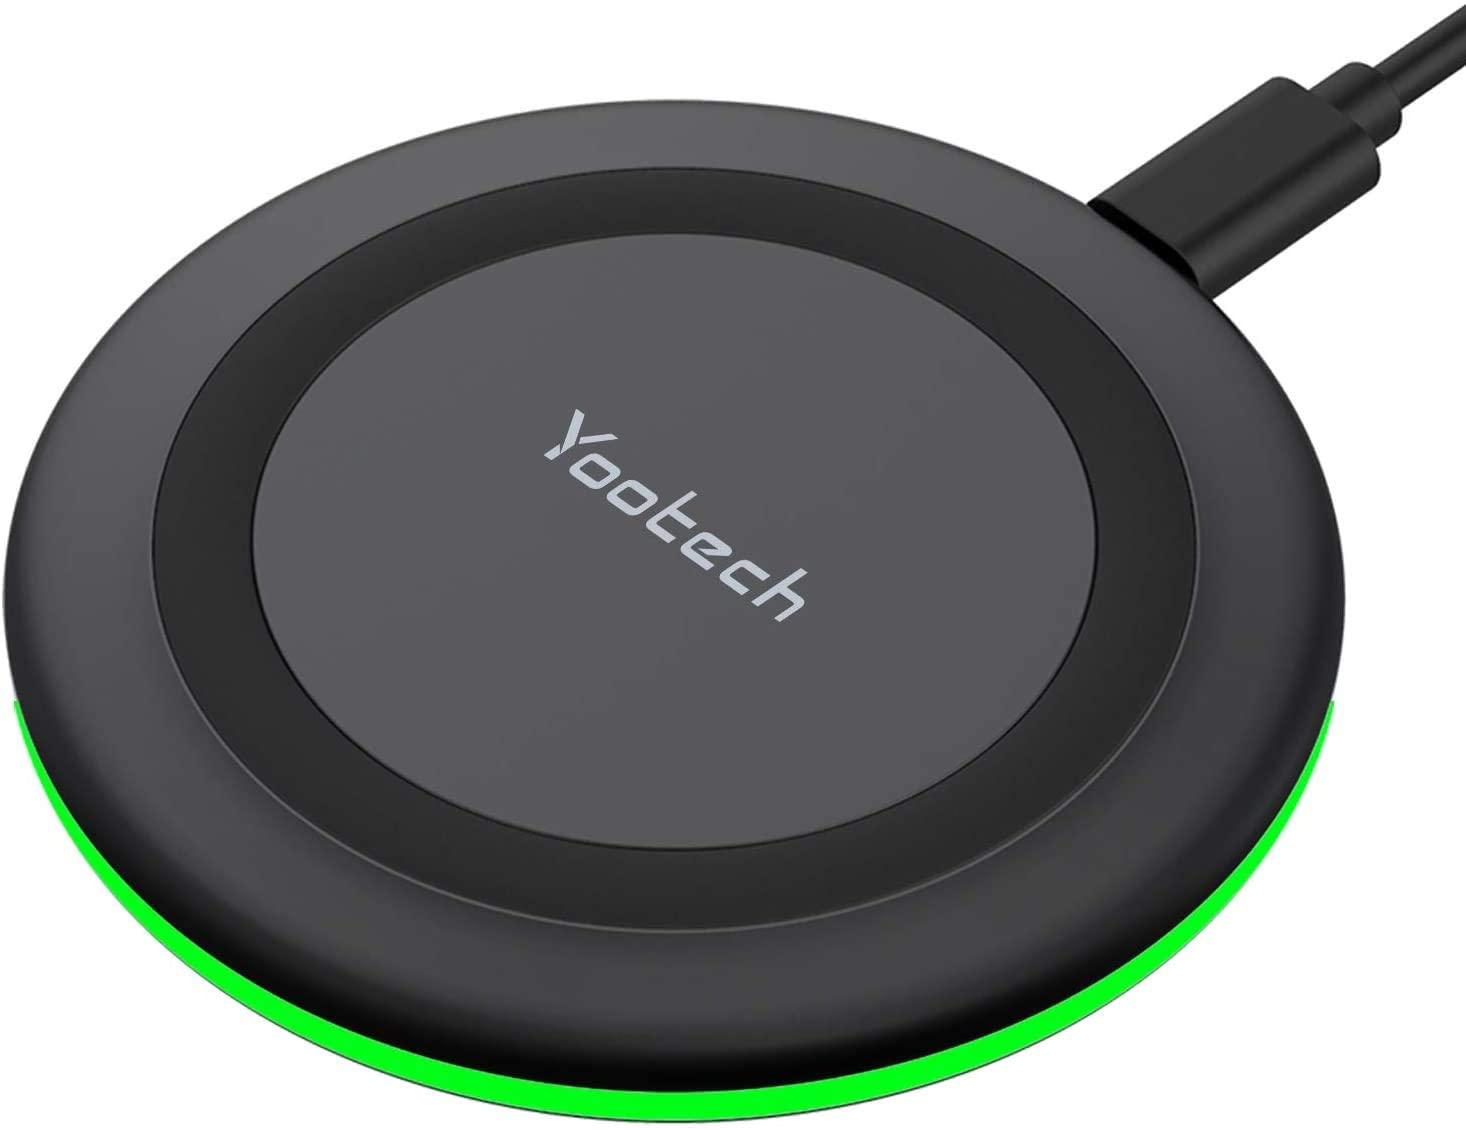 Yootech Wireless ChaYootech Wireless Chargerrger